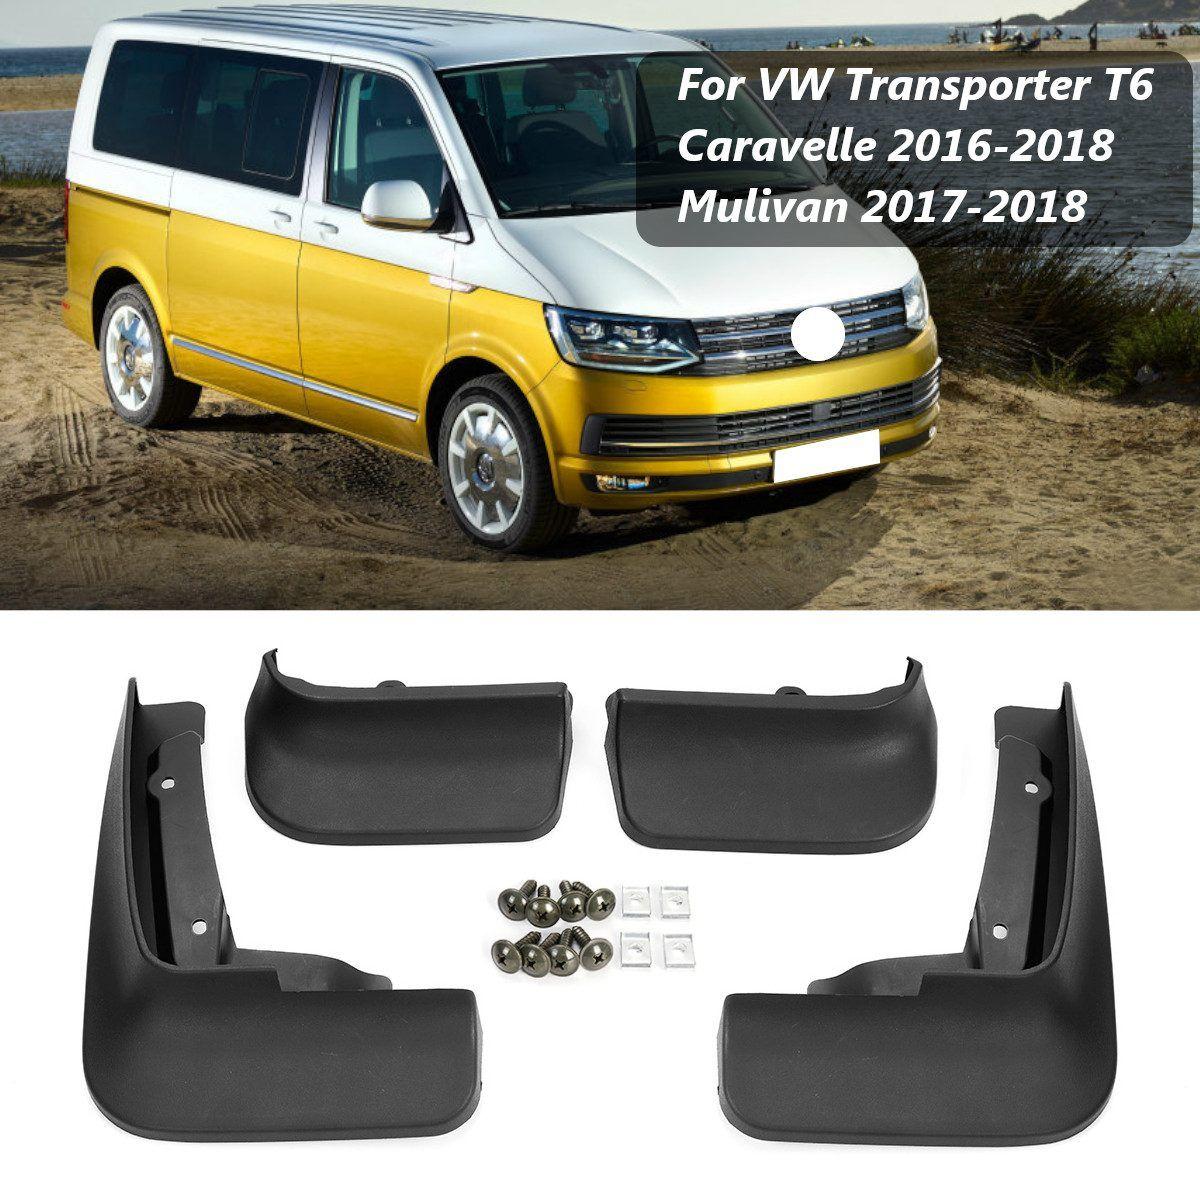 Auto Schlamm Flaps Splash Guards für Fender Schmutzfänger Kotflügel Für VW Transporter T6 Caravelle 2016 2017 2018 Mulivan 2017- 2018